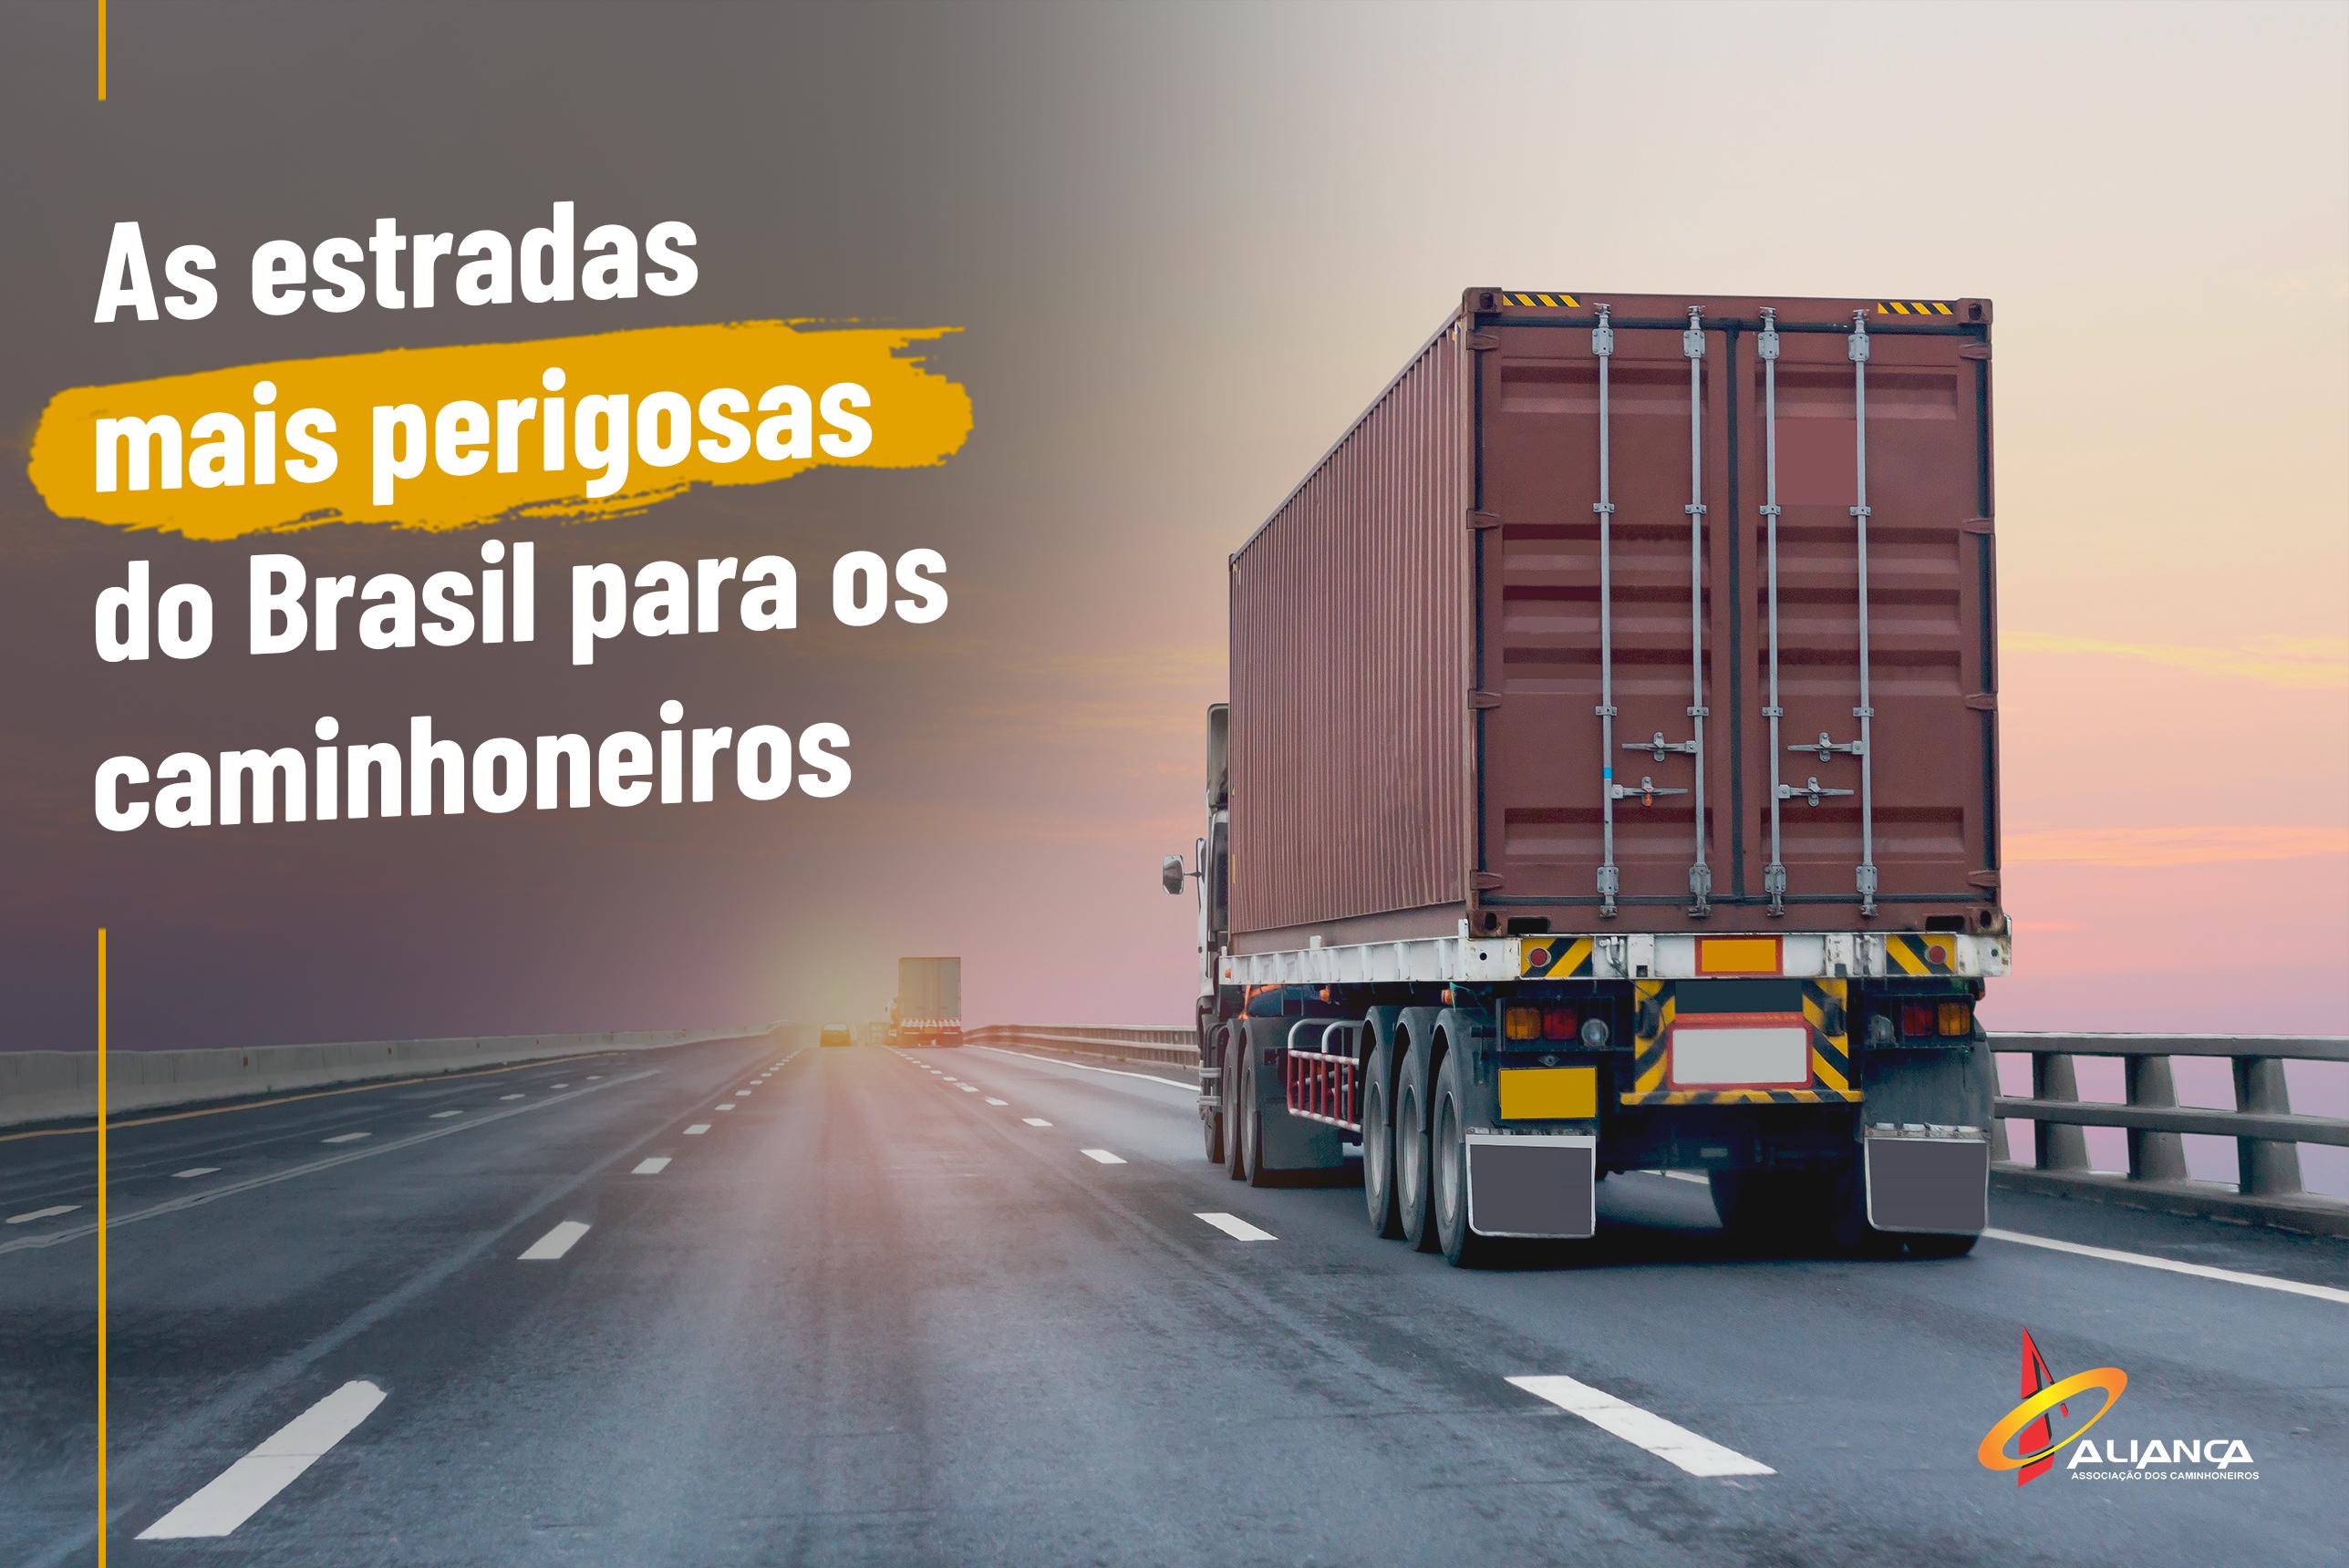 6 estradas mais perigosas do Brasil para os caminhoneiros